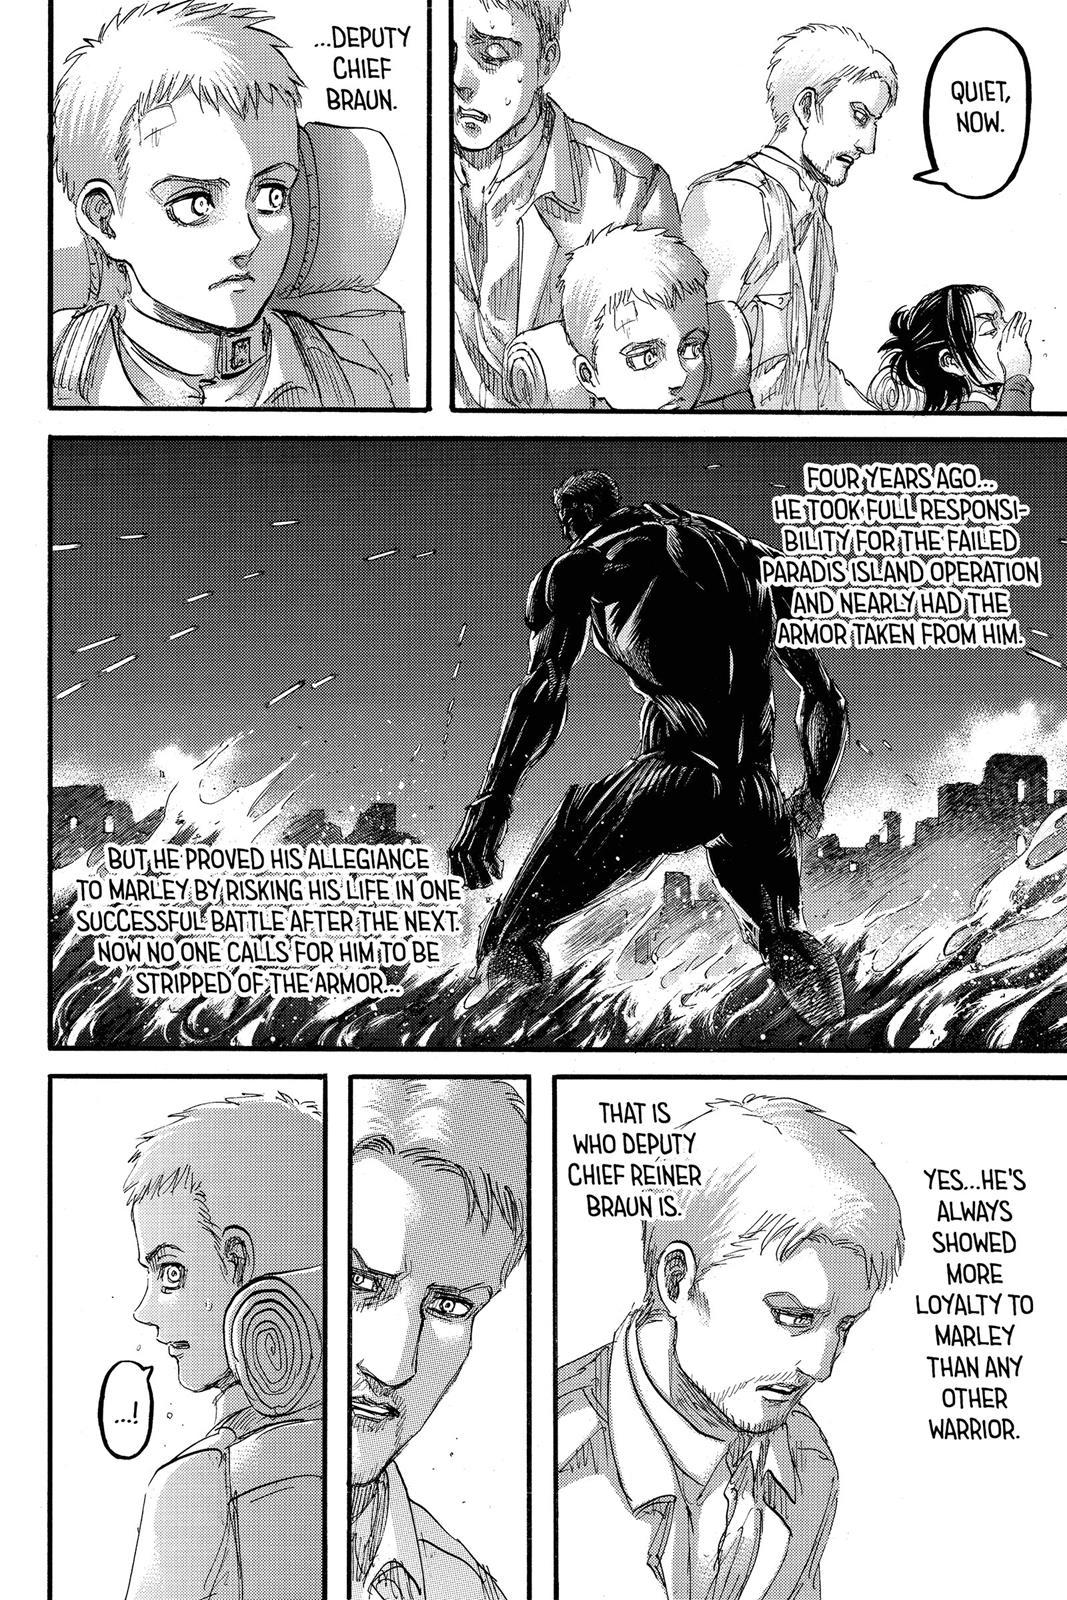 Shingeki No Kyojin Chapter 94 Shingeki No Kyojin Manga Online